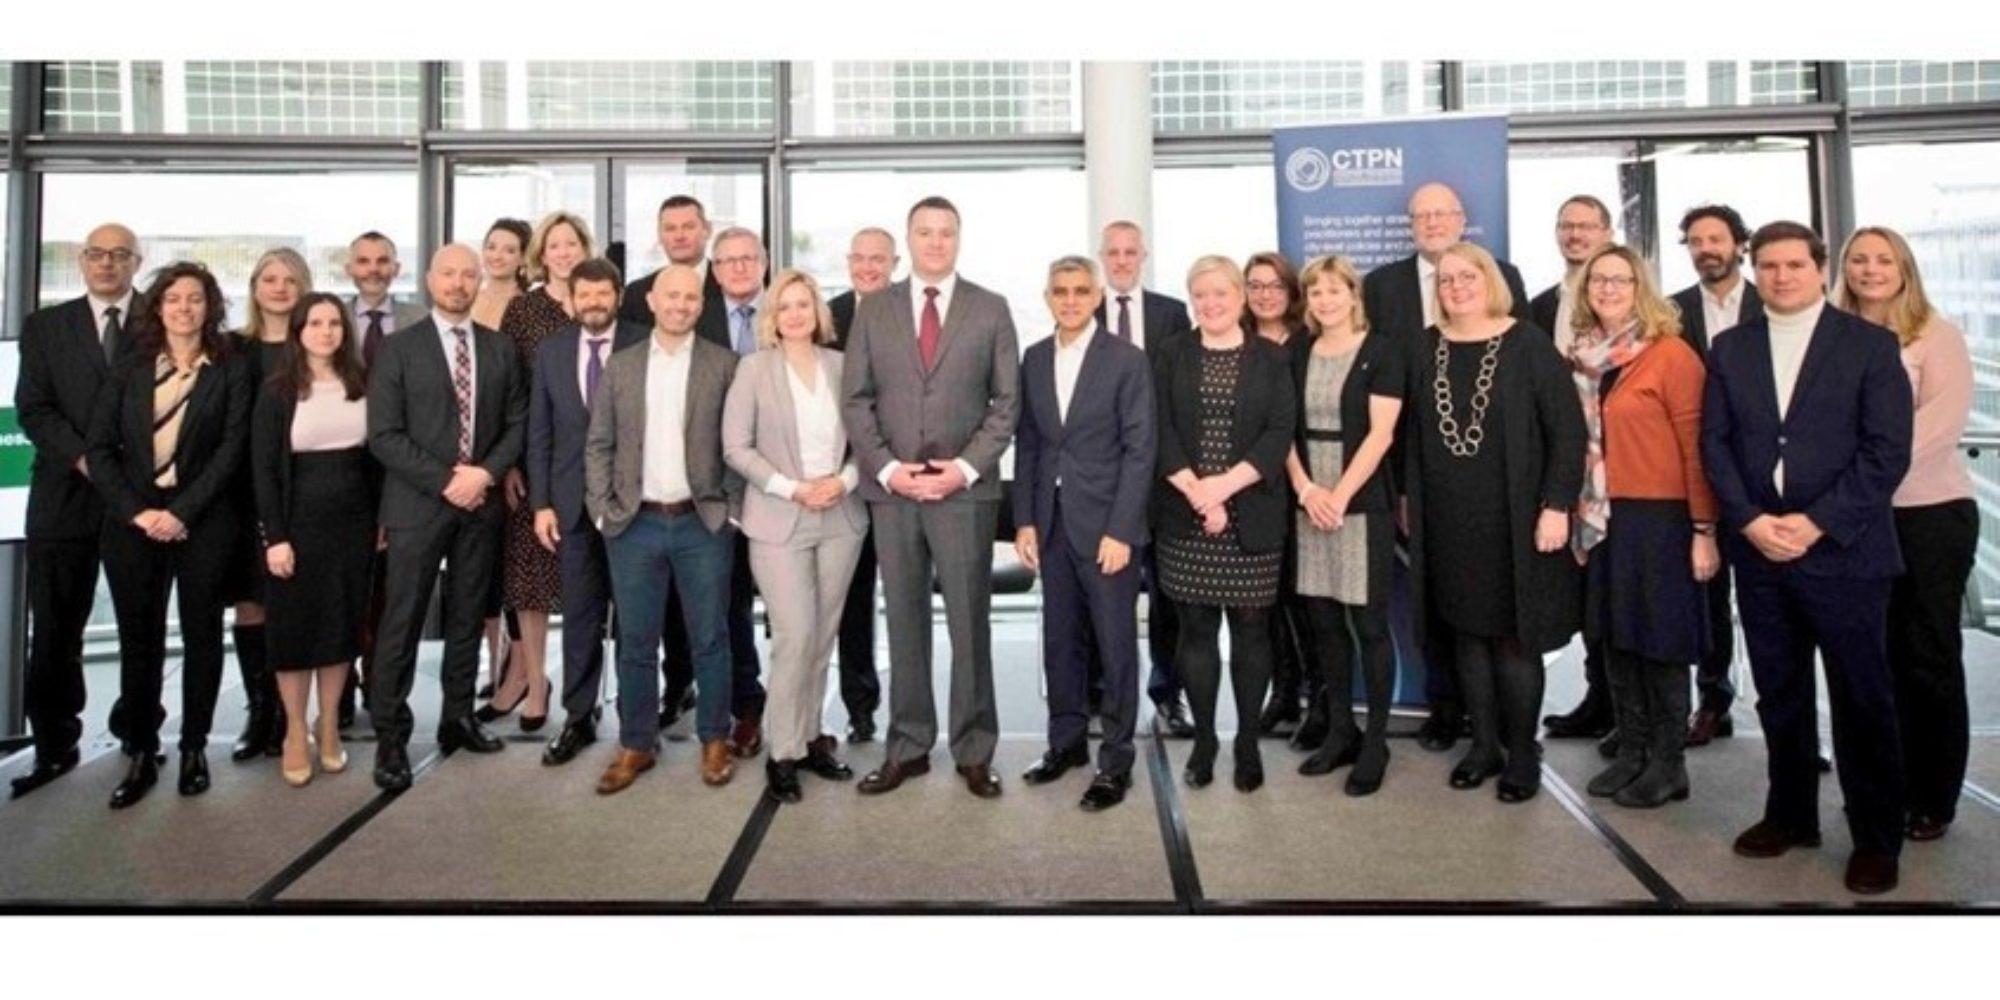 Marie-Christine Therrien et des chercheurs du Cité-ID, co-auteurs d'un rapport sur la coordination stratégique pour le réseau européen de préparation au contre-terrorisme lancé par le maire de Londres